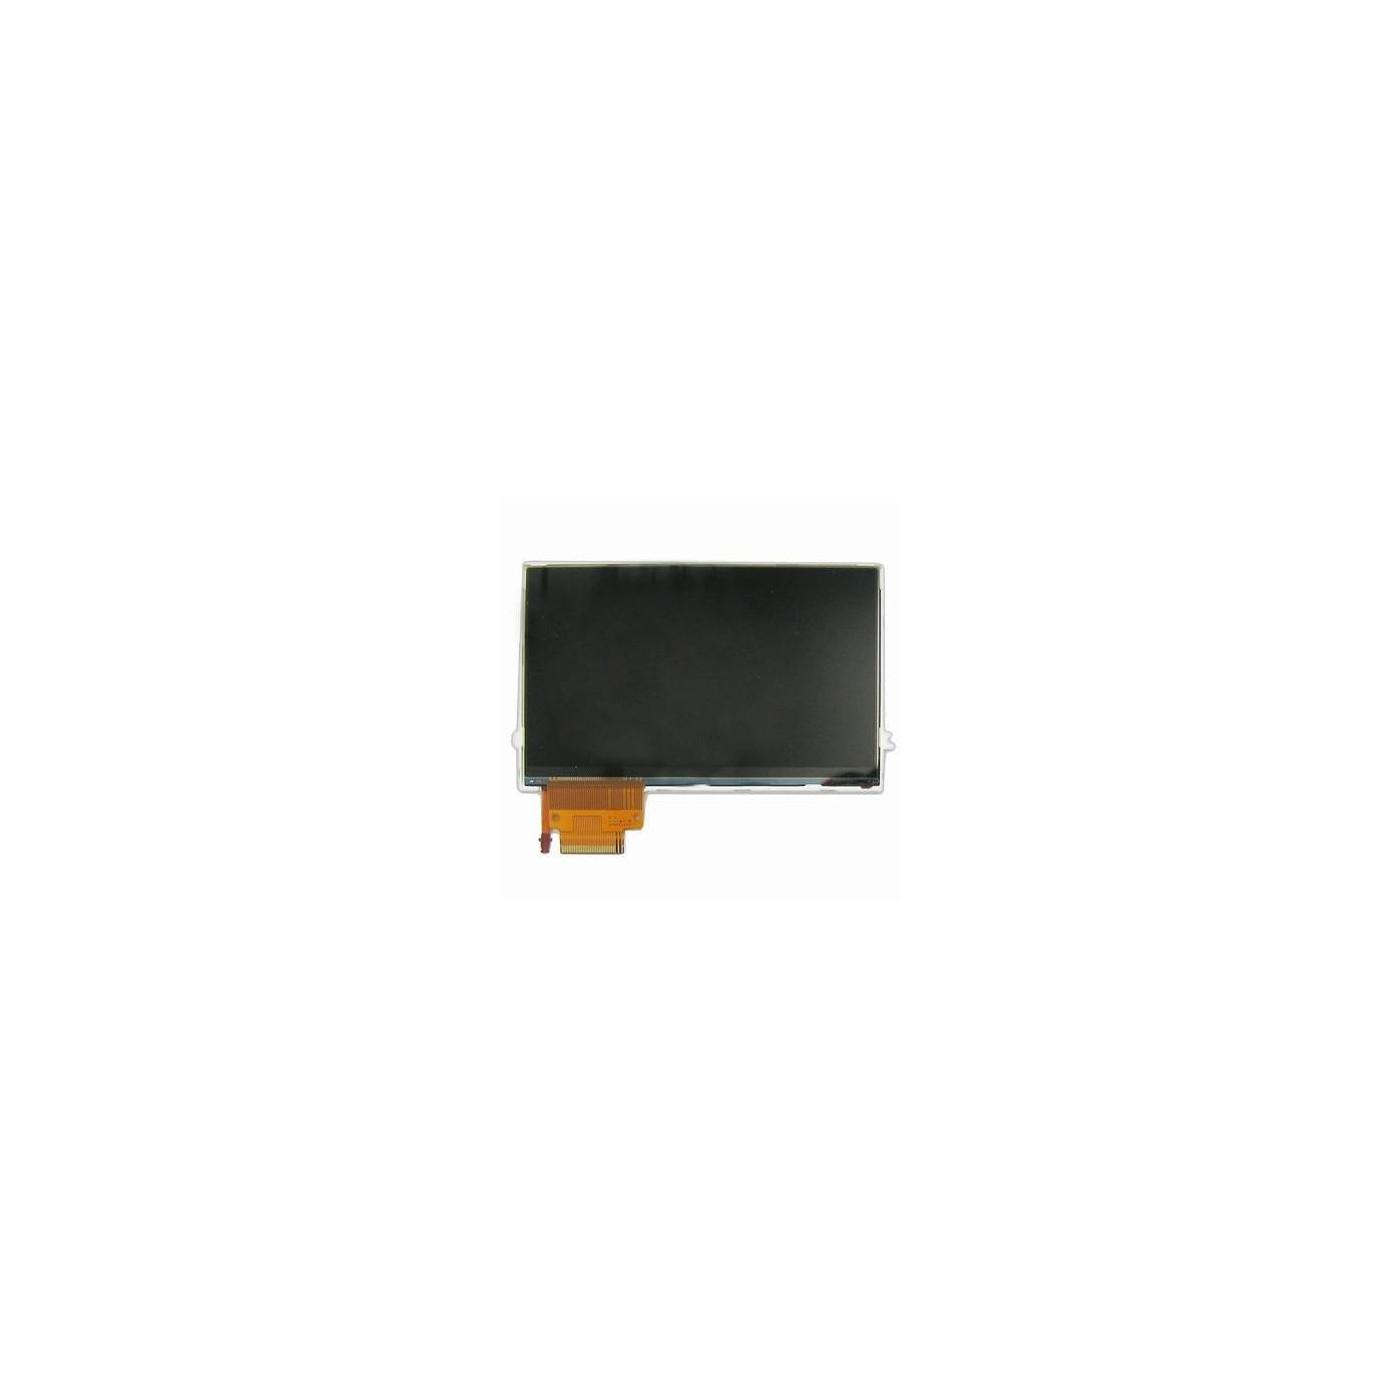 PANTALLA LCD PARA SONY PSP SLIM 2000 2001 2004 PANTALLA DE MONITOR